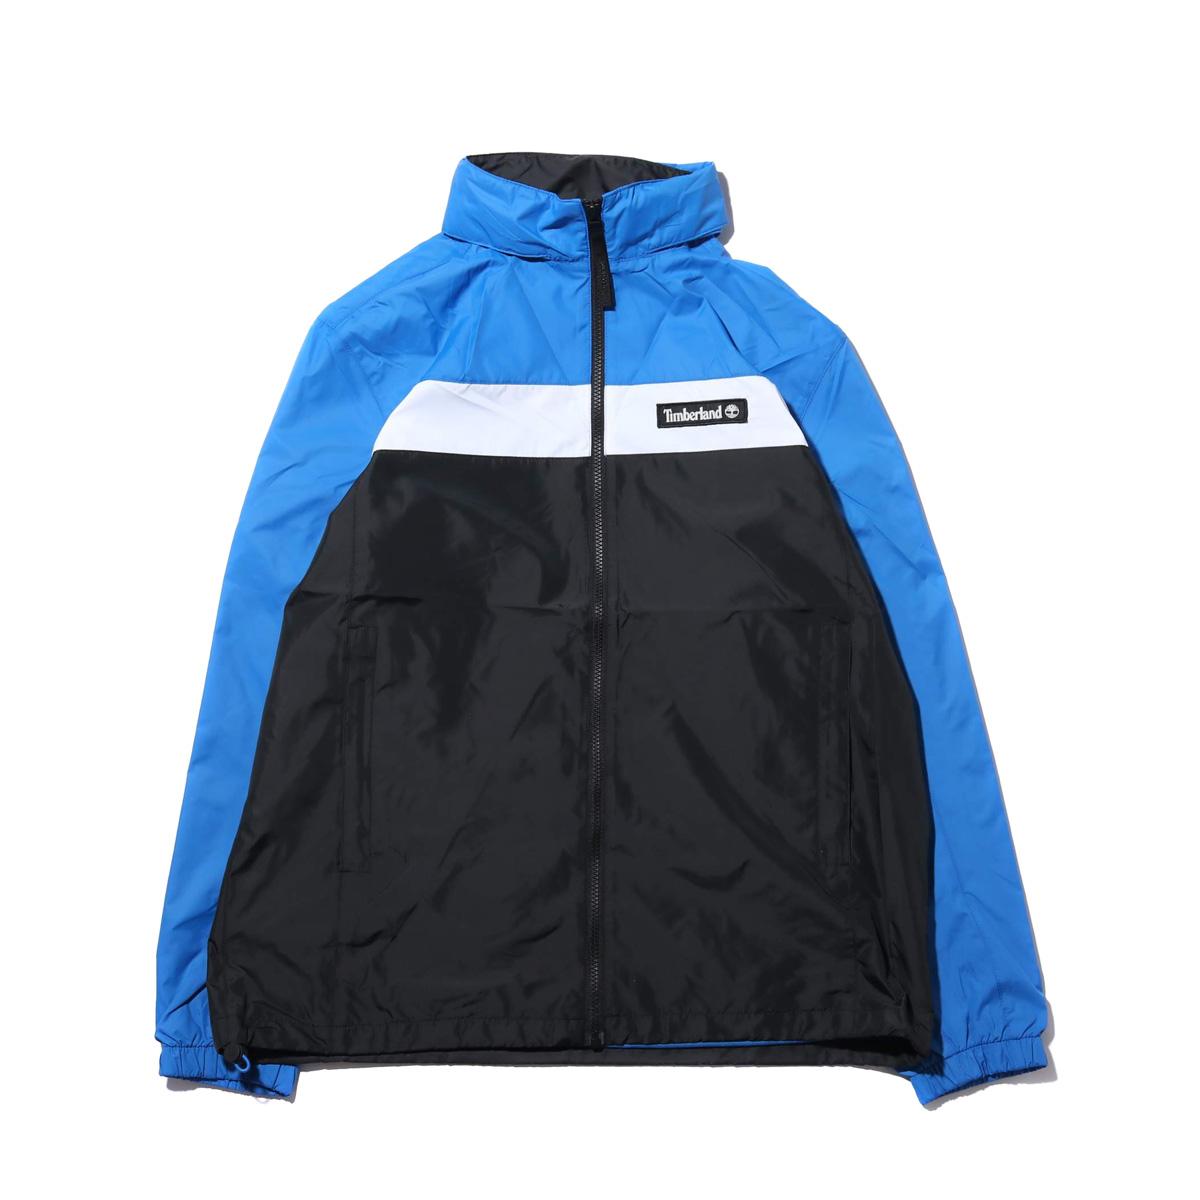 Timberland YCC Hooded full zip jacket (ティンバーランド YCC フーデッド フルジップ ジャケット)STRONG BLUE/BLACK【メンズ ジャケット】19SS-I